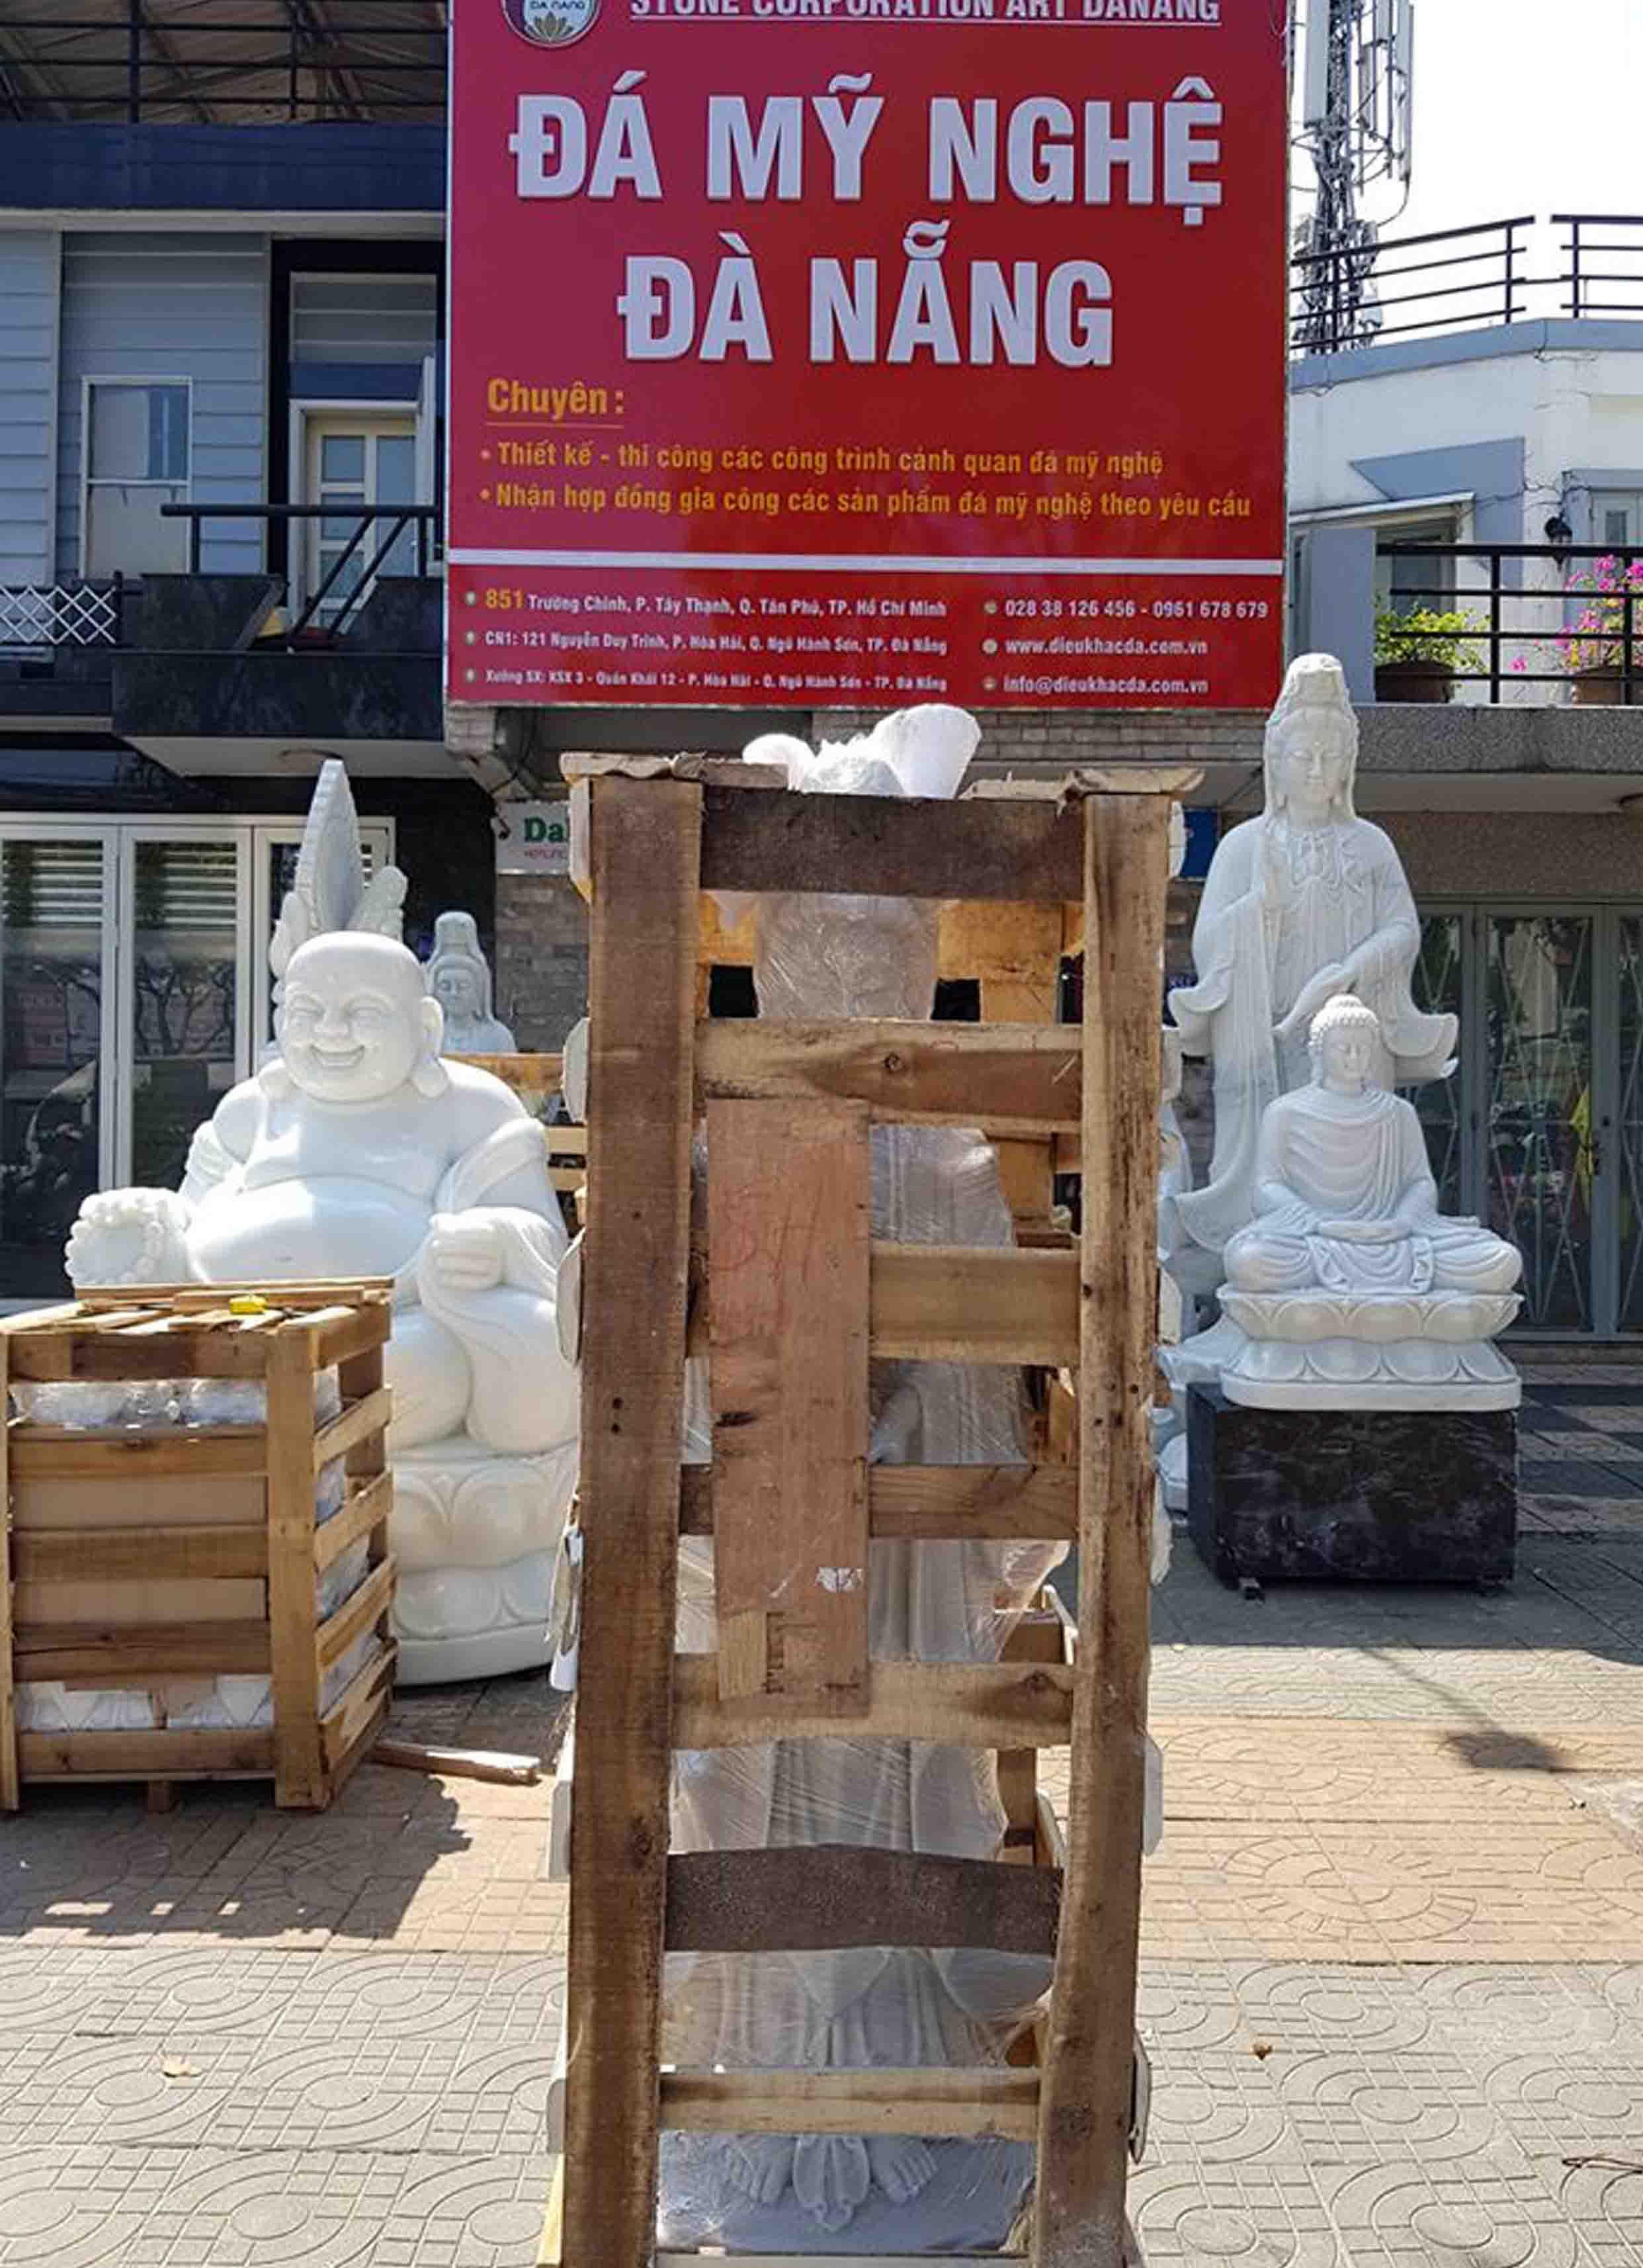 Đá Mỹ Nghệ Đà Nẵng 003